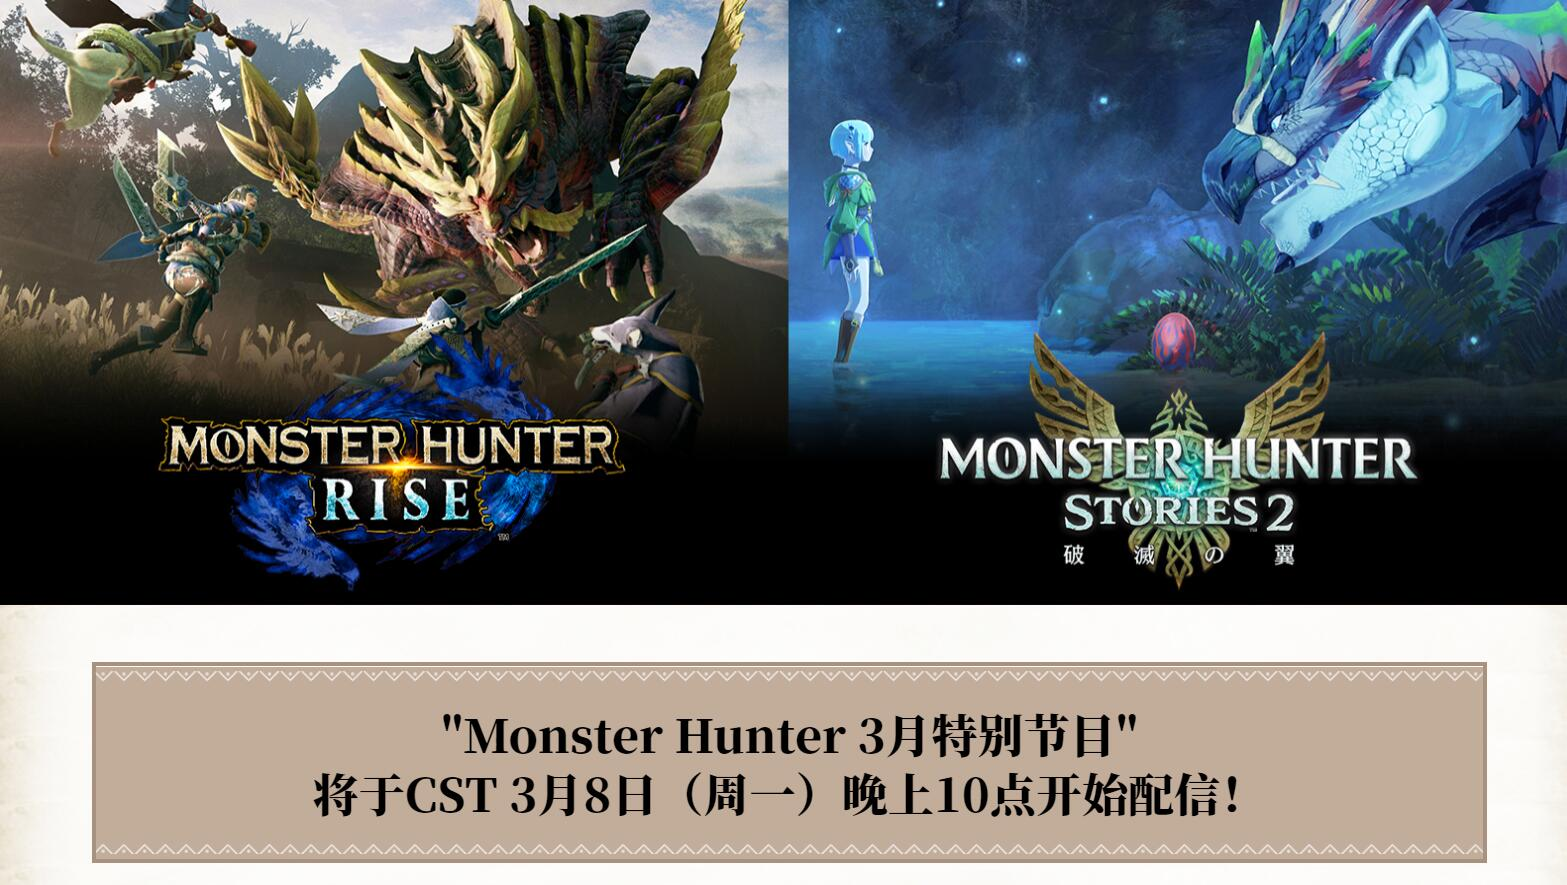 卡普空将于3月8日举办《怪物猎人》特别节目